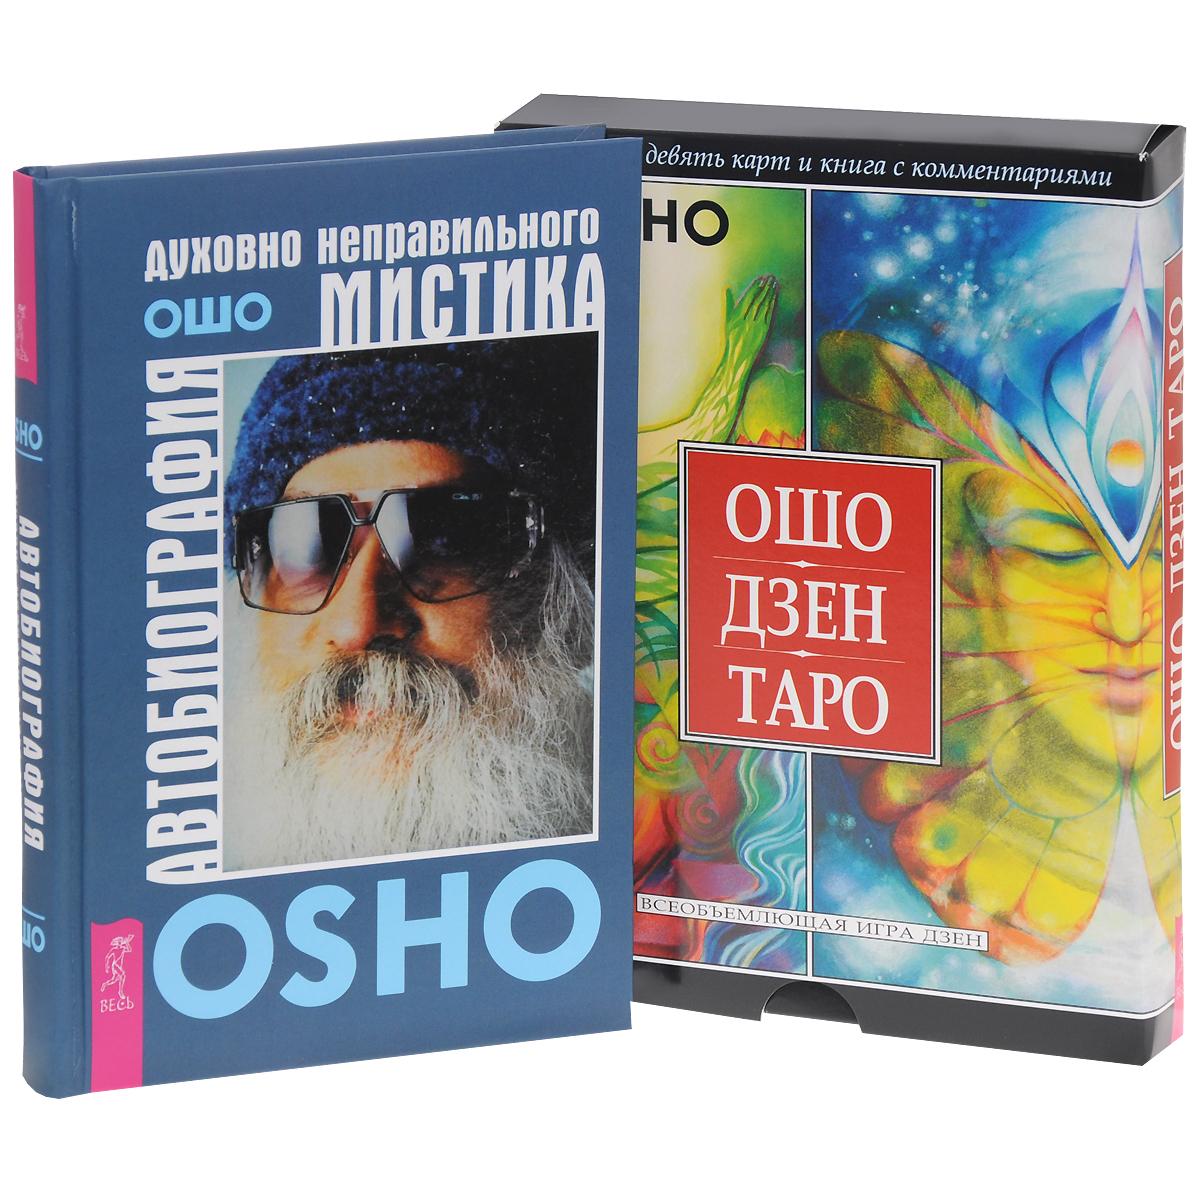 Автобиография духовно неправильного мистика. Ошо Дзен Таро. Всеобъемлющая игра дзен (комплект из 2 книг + набор из 79 карт)